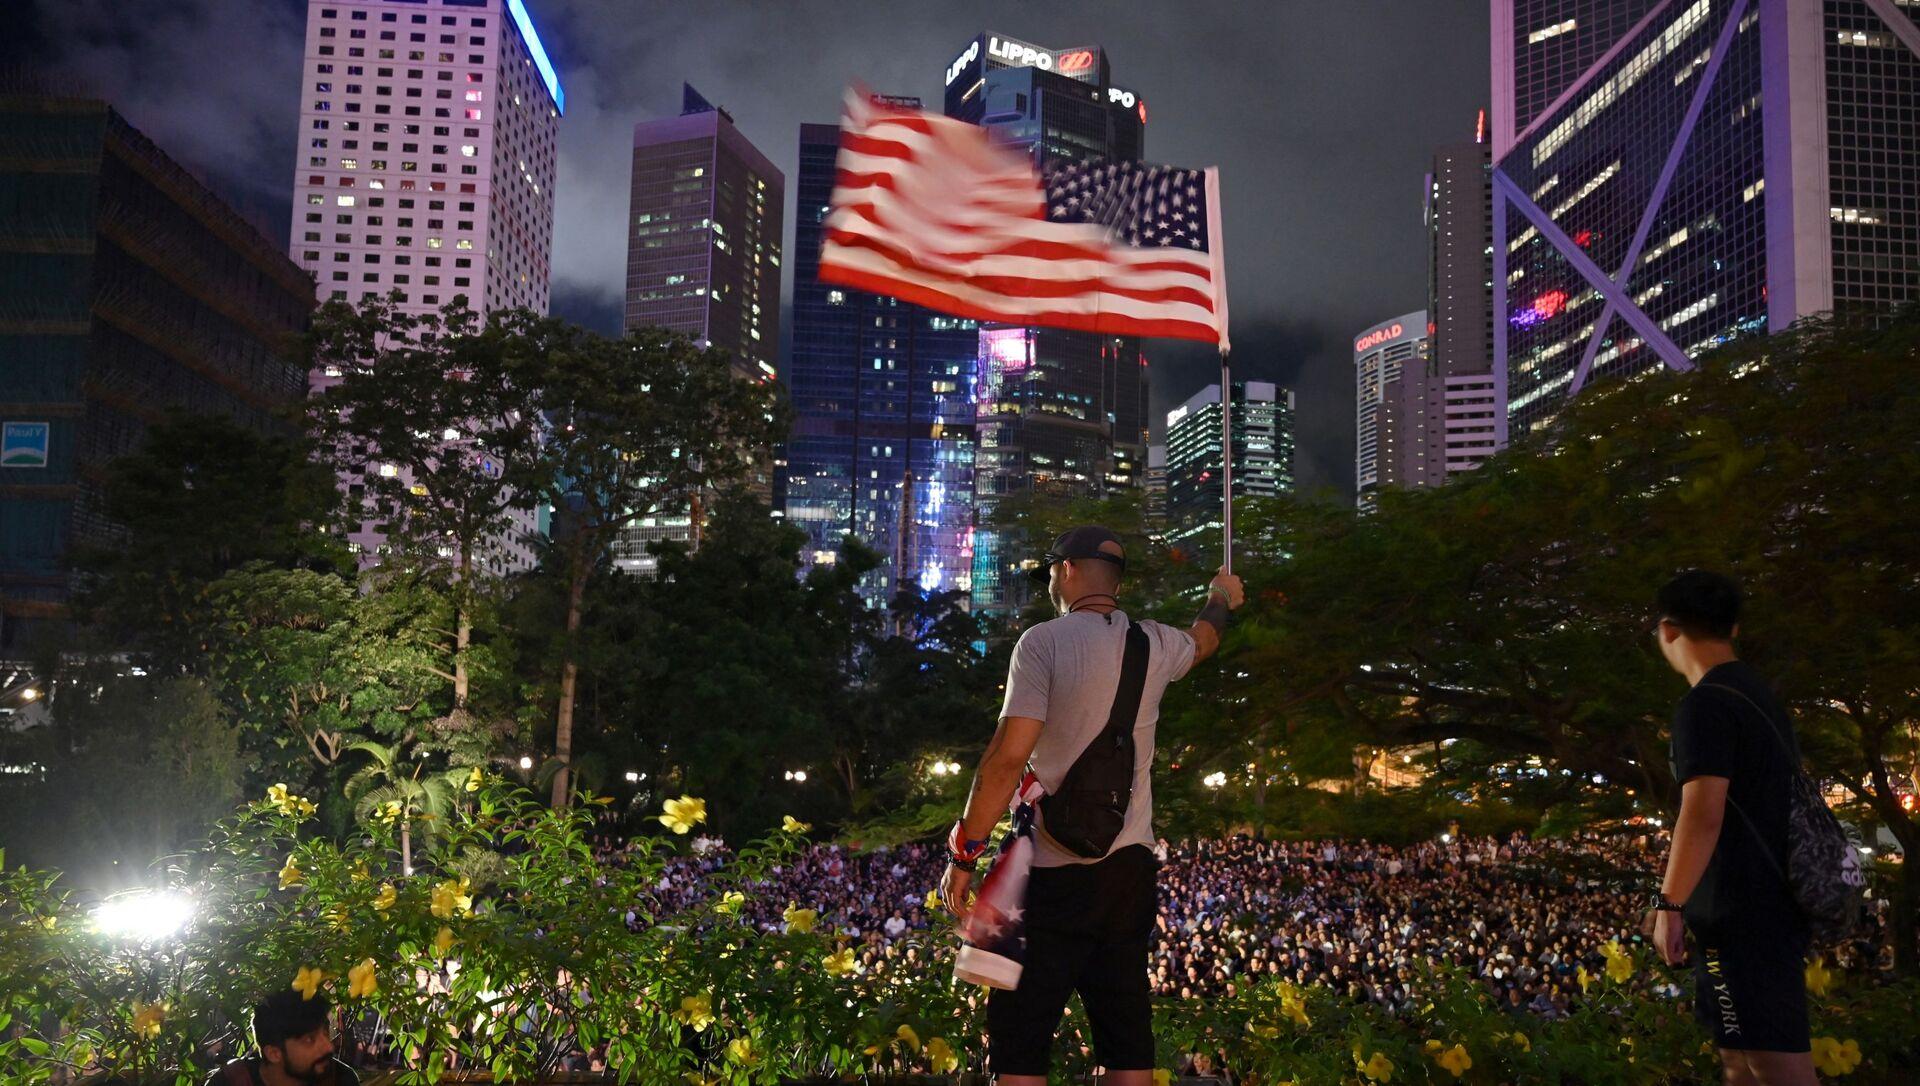 Человек с флагом США в Гонконге, фото из архива - Sputnik Азербайджан, 1920, 24.09.2021